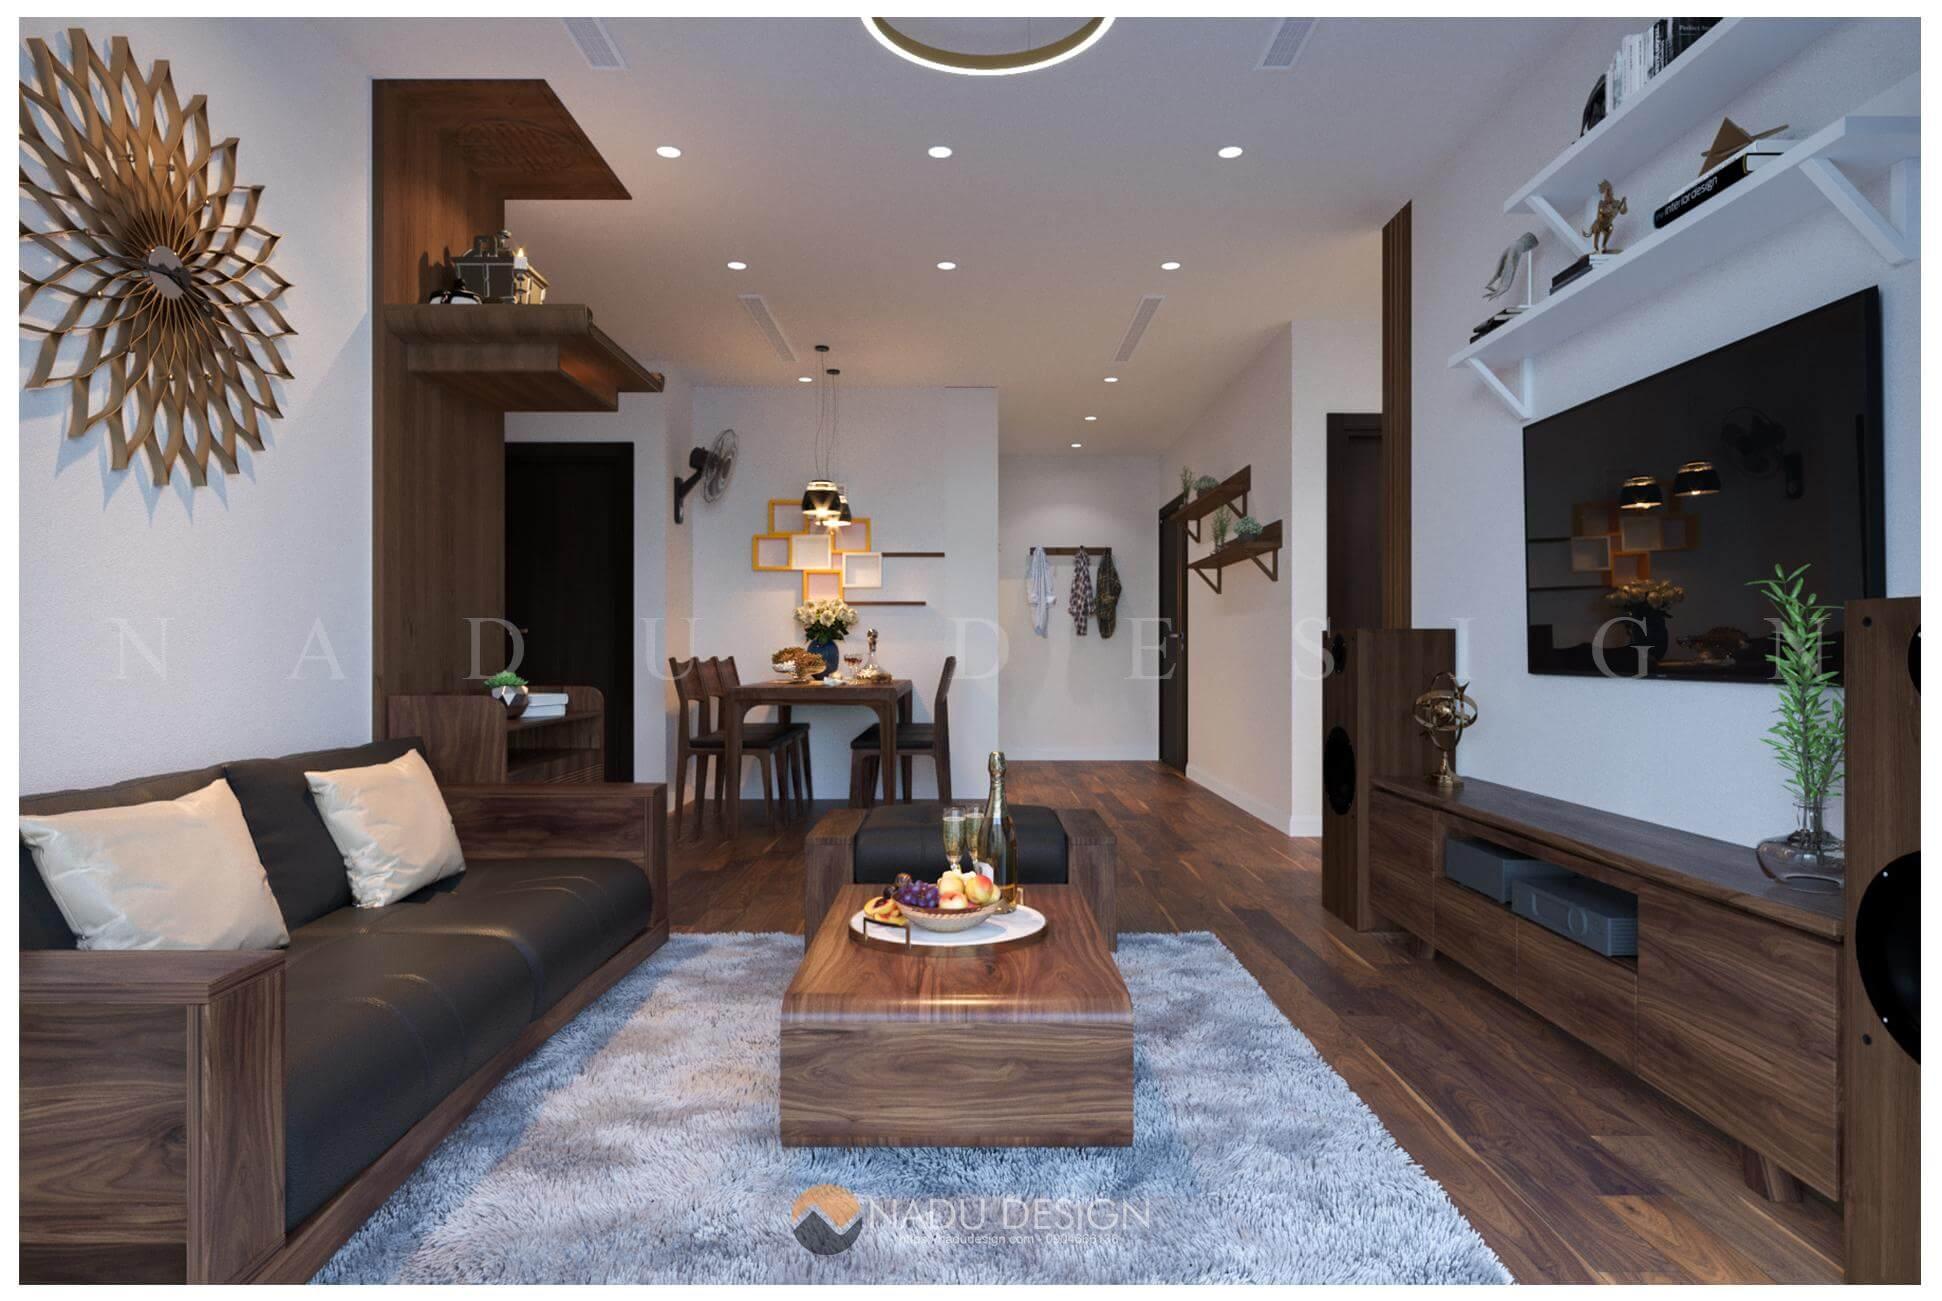 thiết kế nội thất căn hộ Vinhomes West Point nhà chị Huệ phòng khách 4